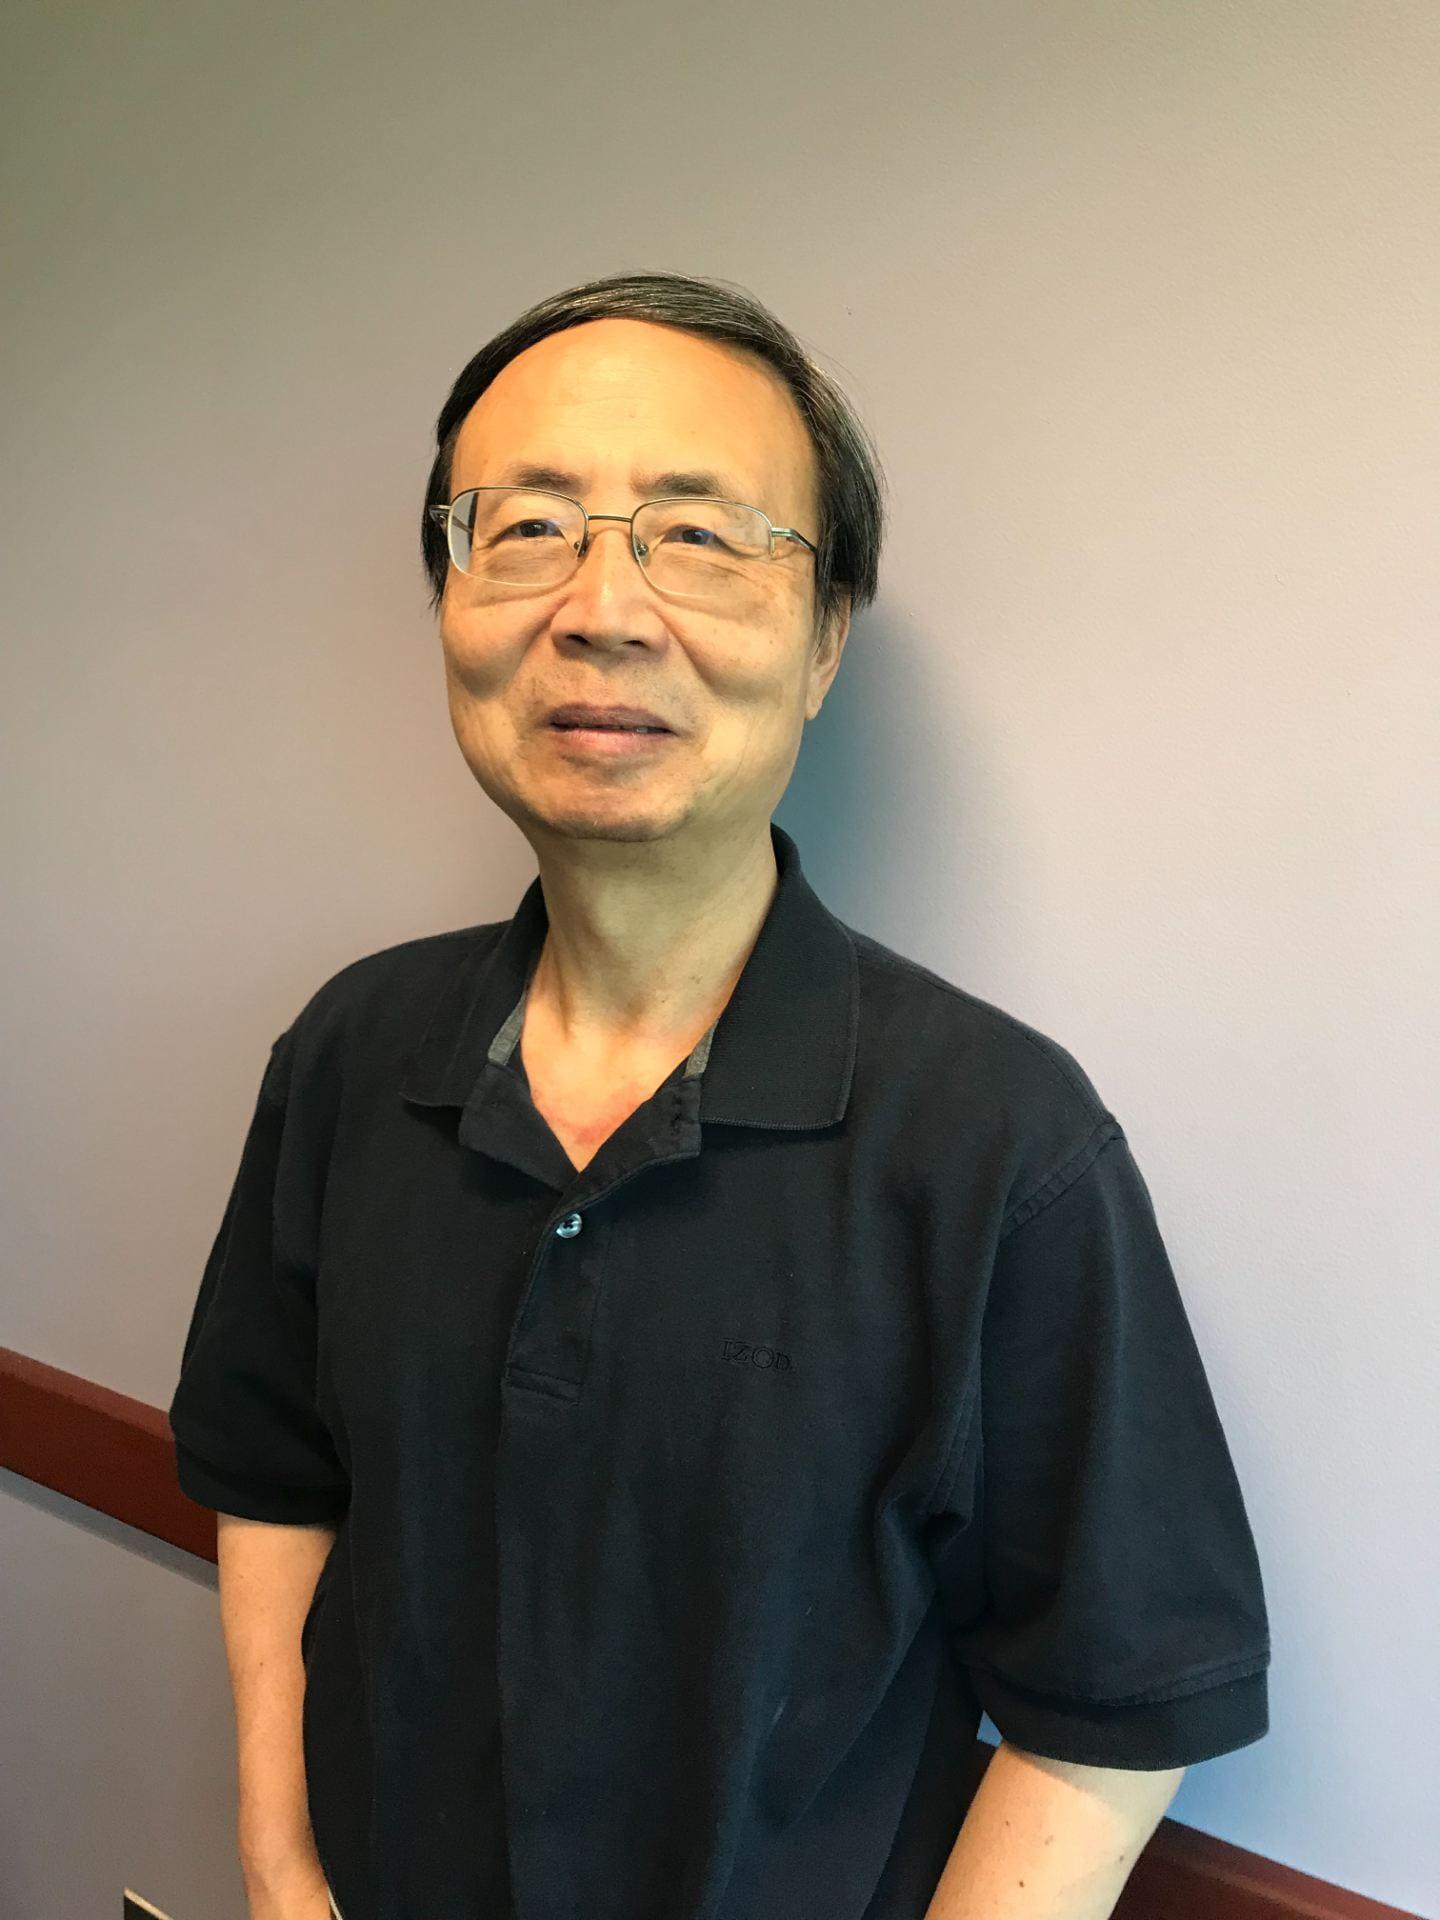 NIansheng Qi